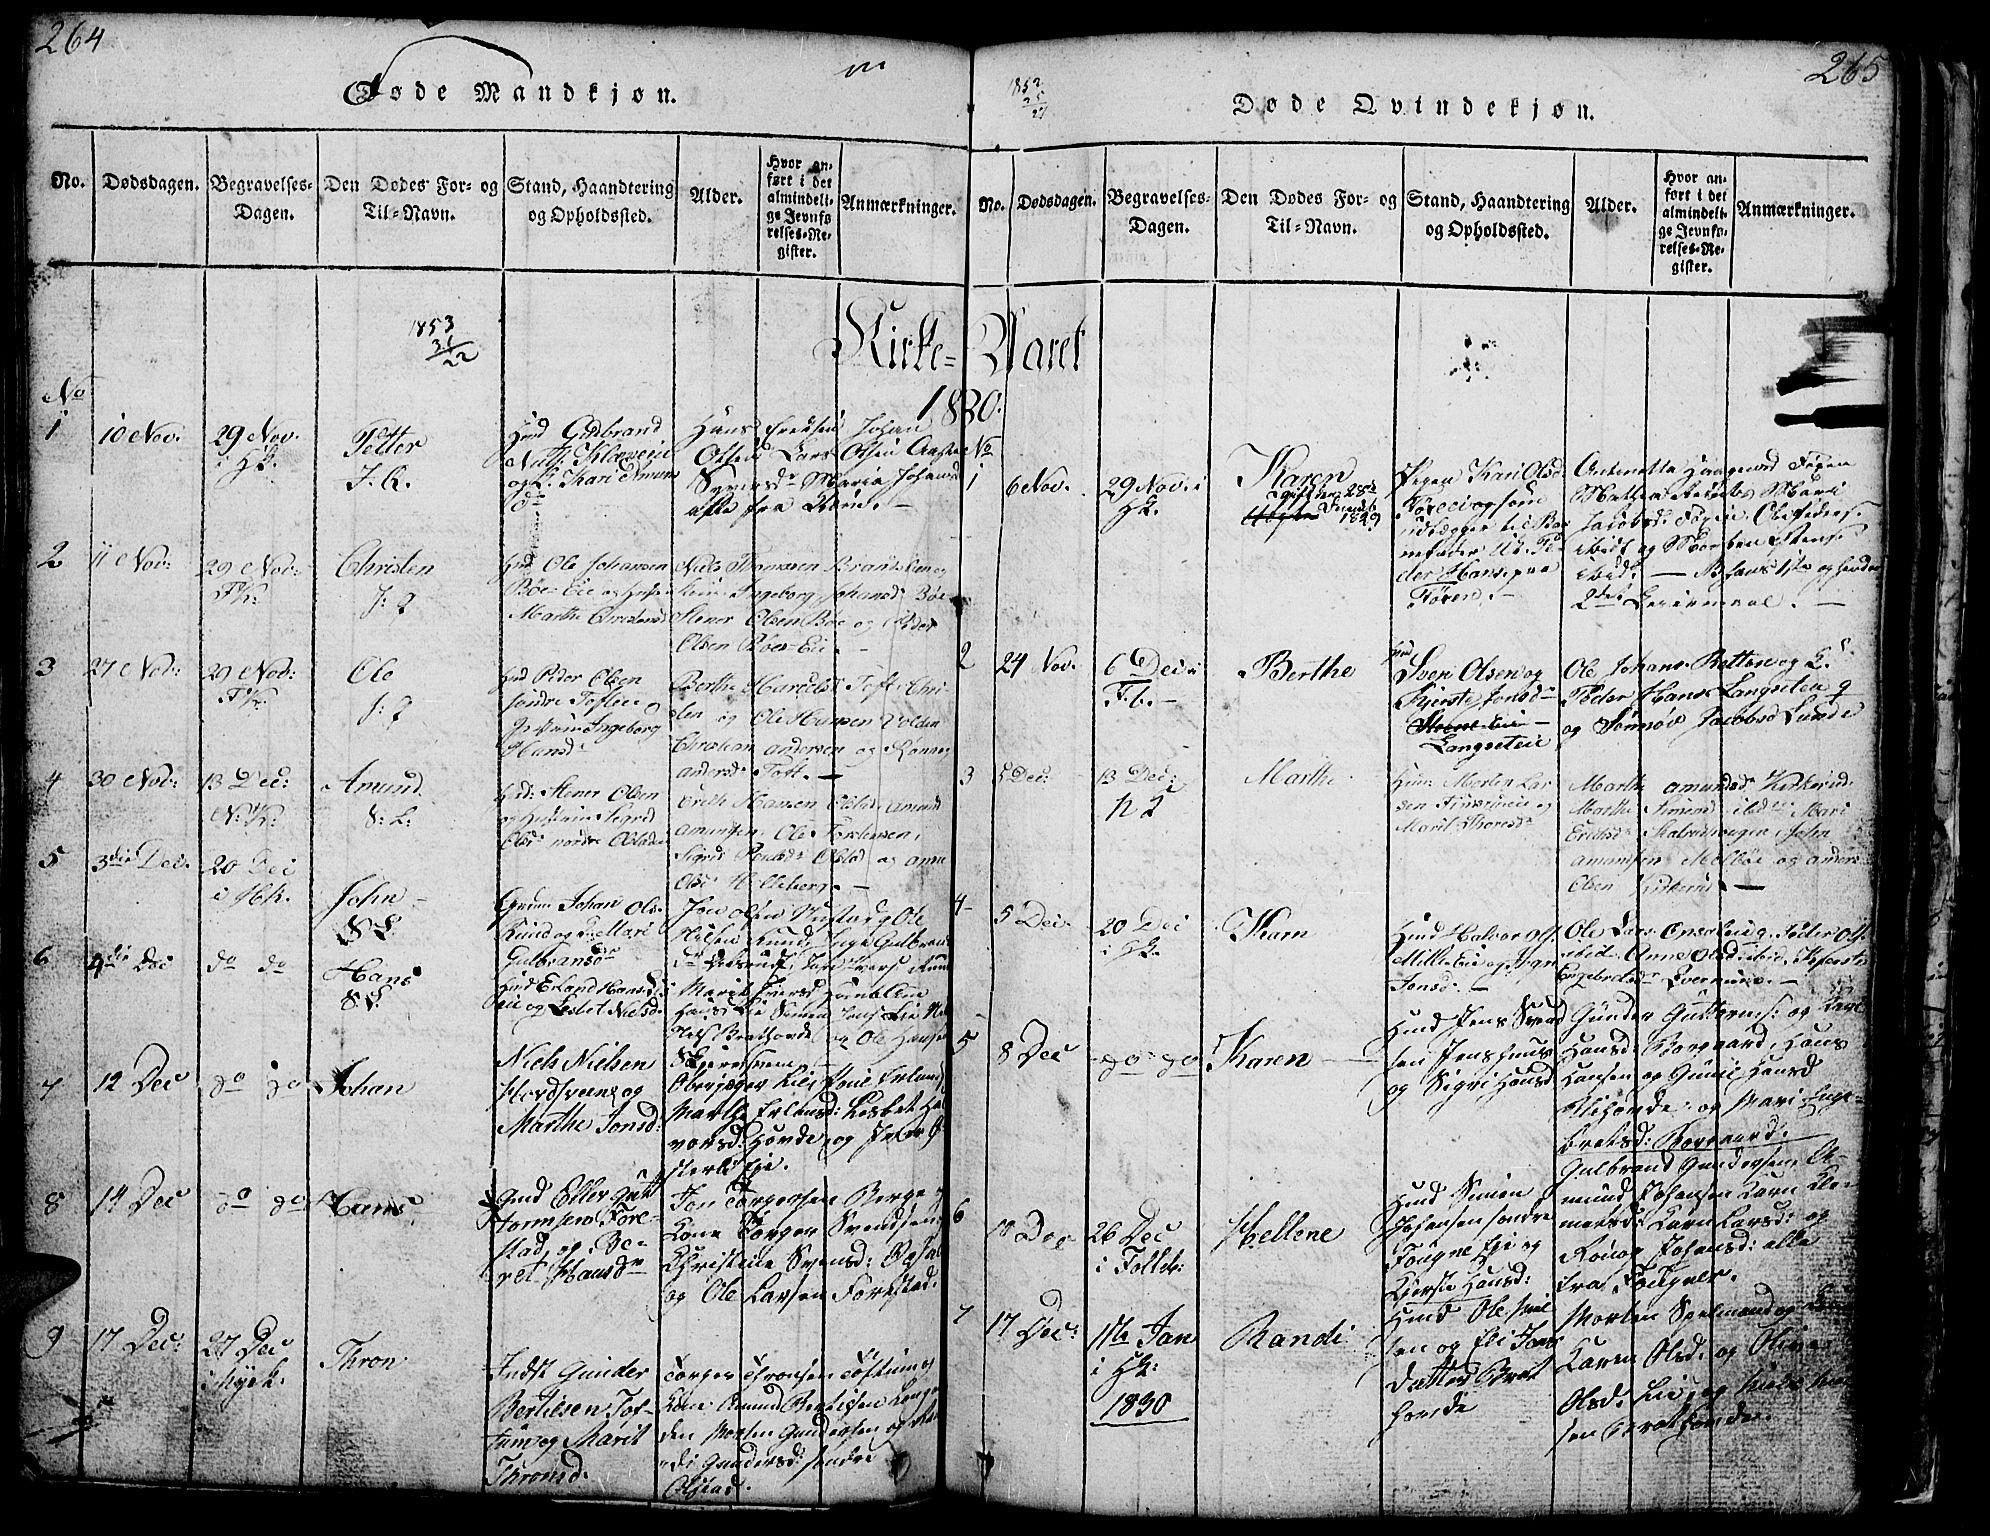 SAH, Gausdal prestekontor, Klokkerbok nr. 1, 1817-1848, s. 264-265